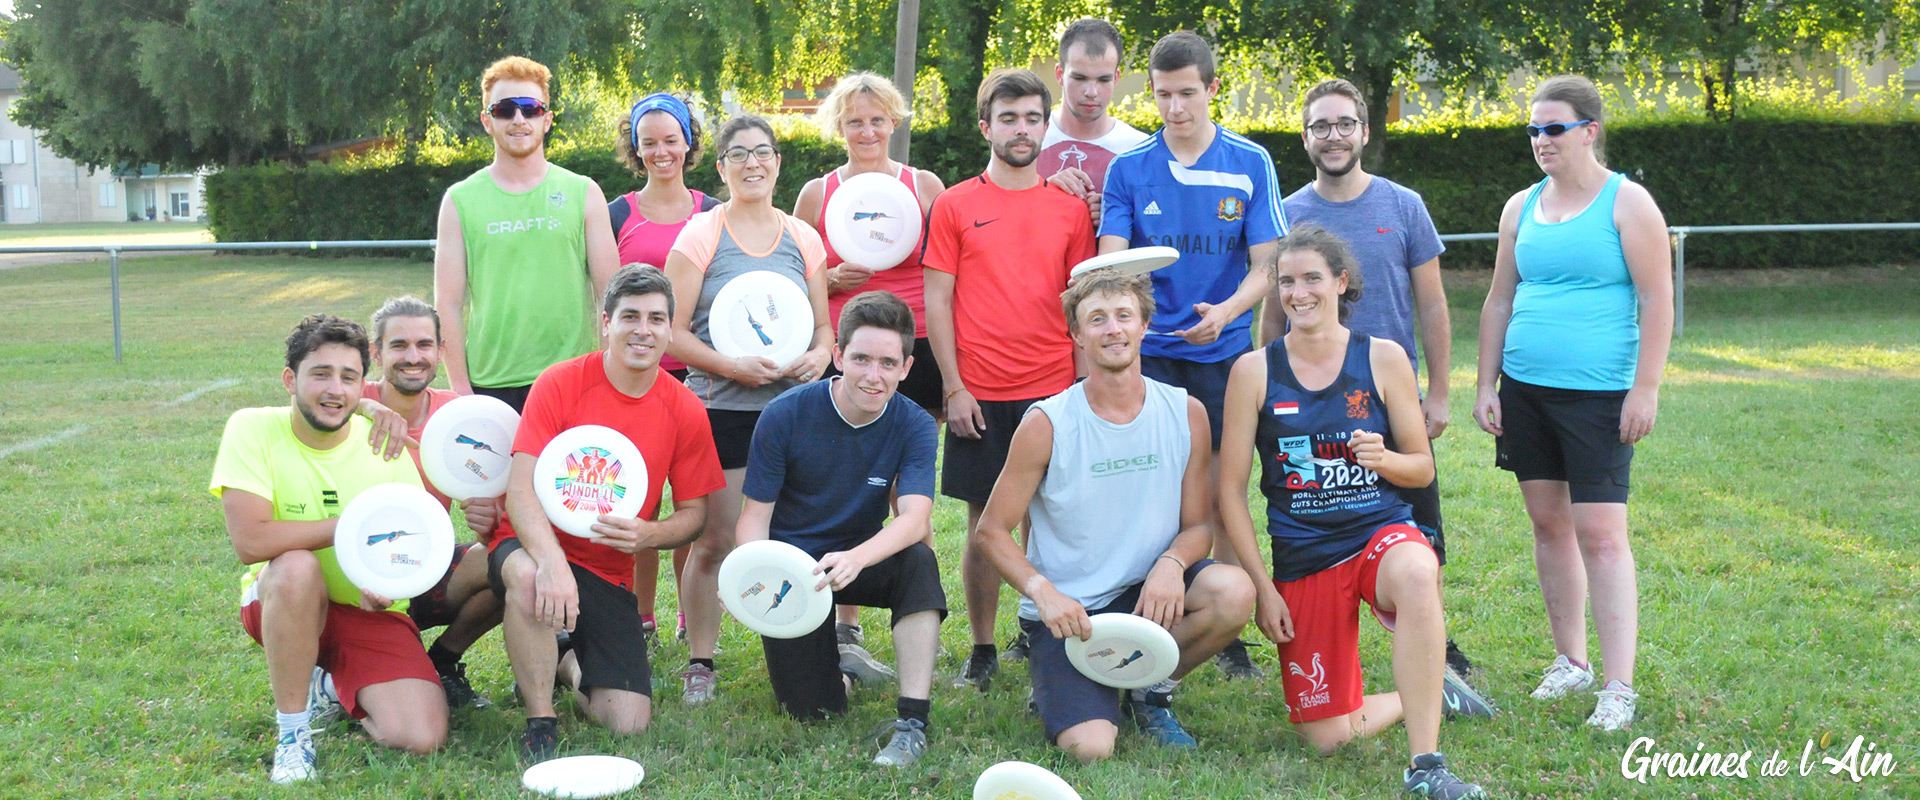 Ultimate Frisbee - Haut B'gey Volant à Port - Magazine Graines de l' Ain